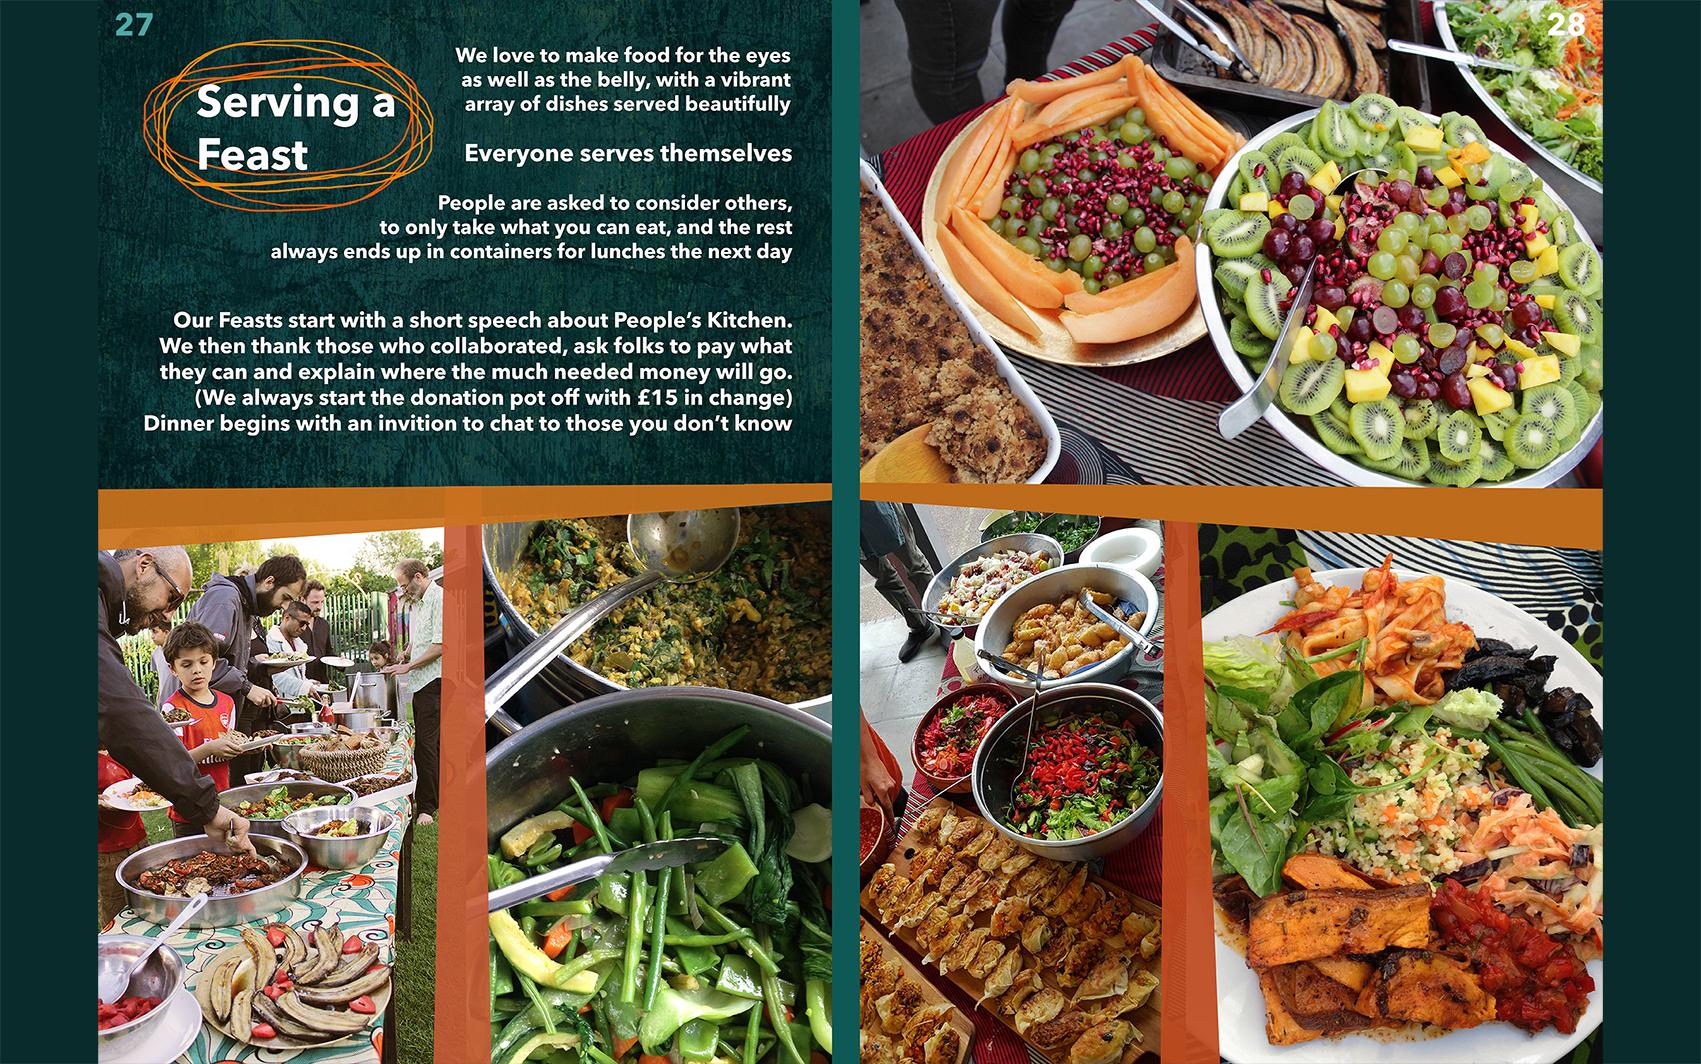 16 serving a feast 02vsm.jpg